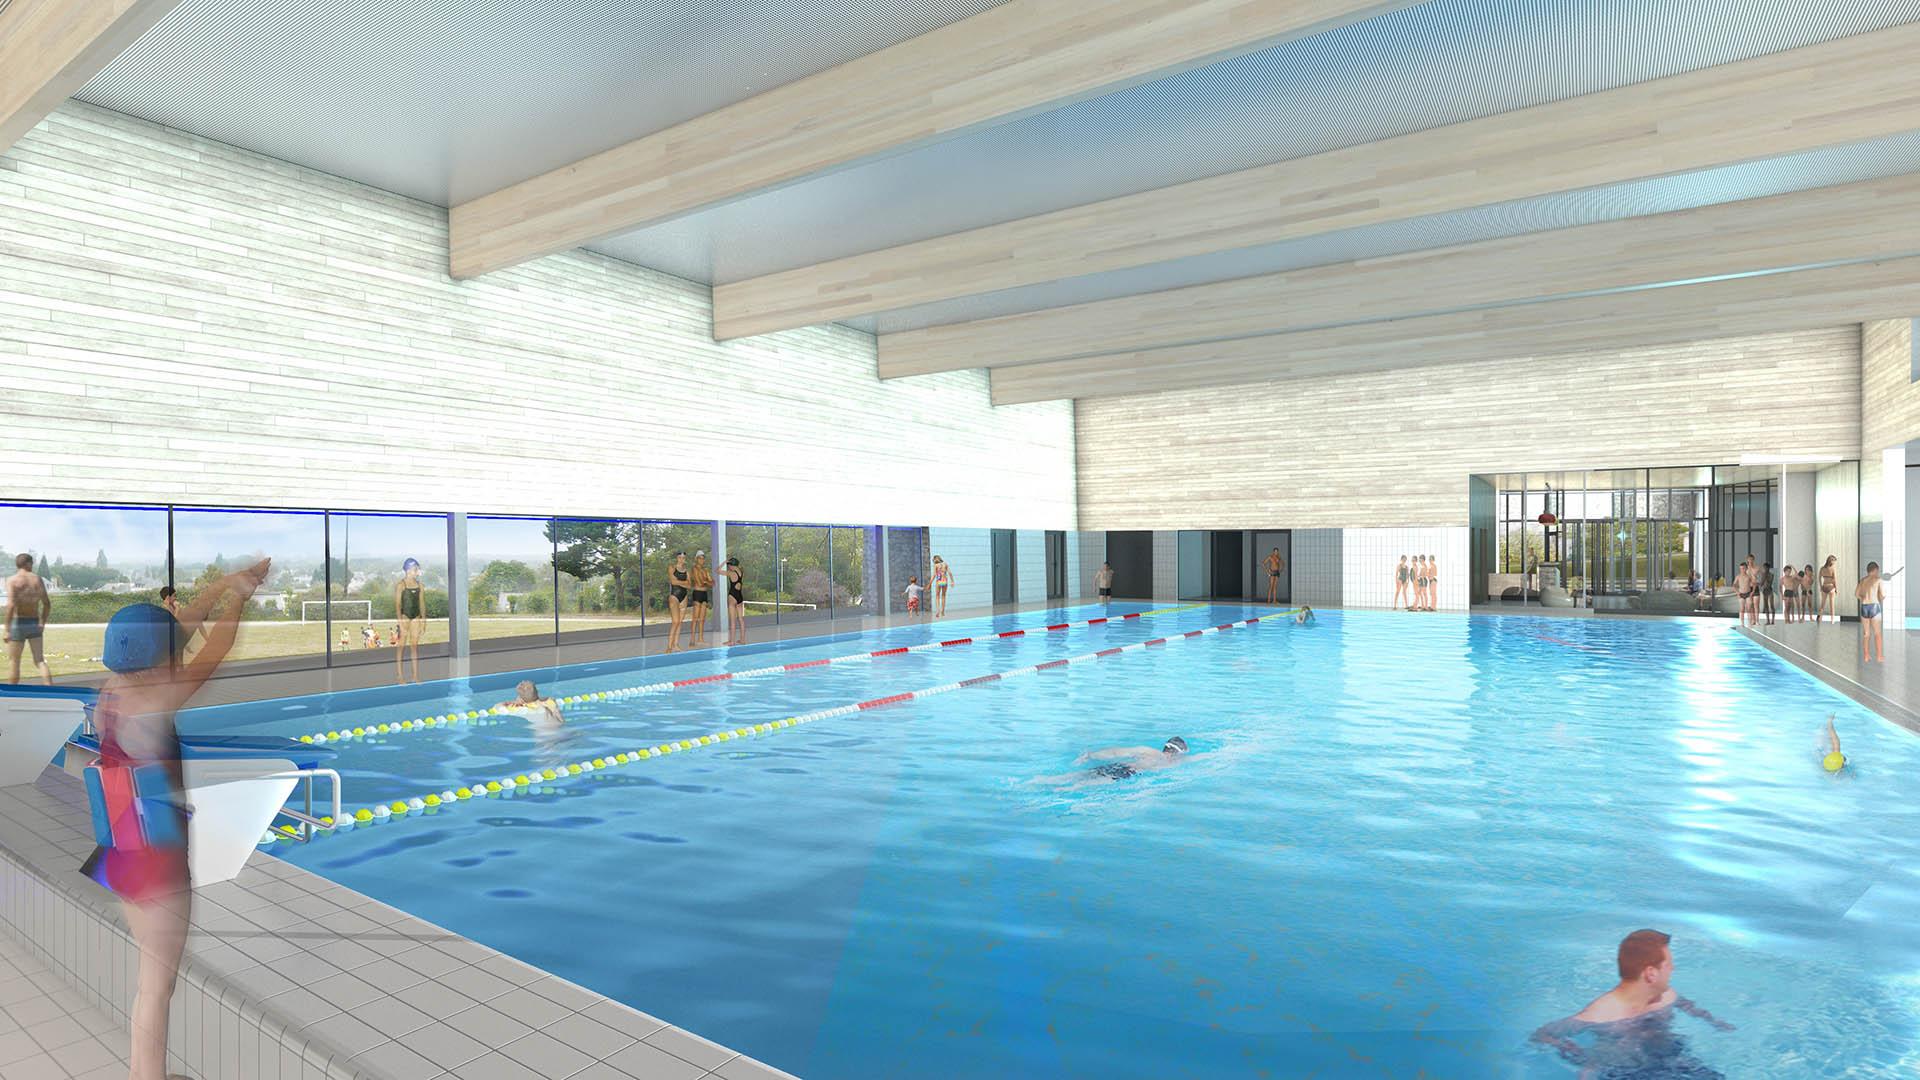 Centre Aquatique De Malestroit | Atelier Périnet-Marquet Et ... serapportantà Piscine Malestroit